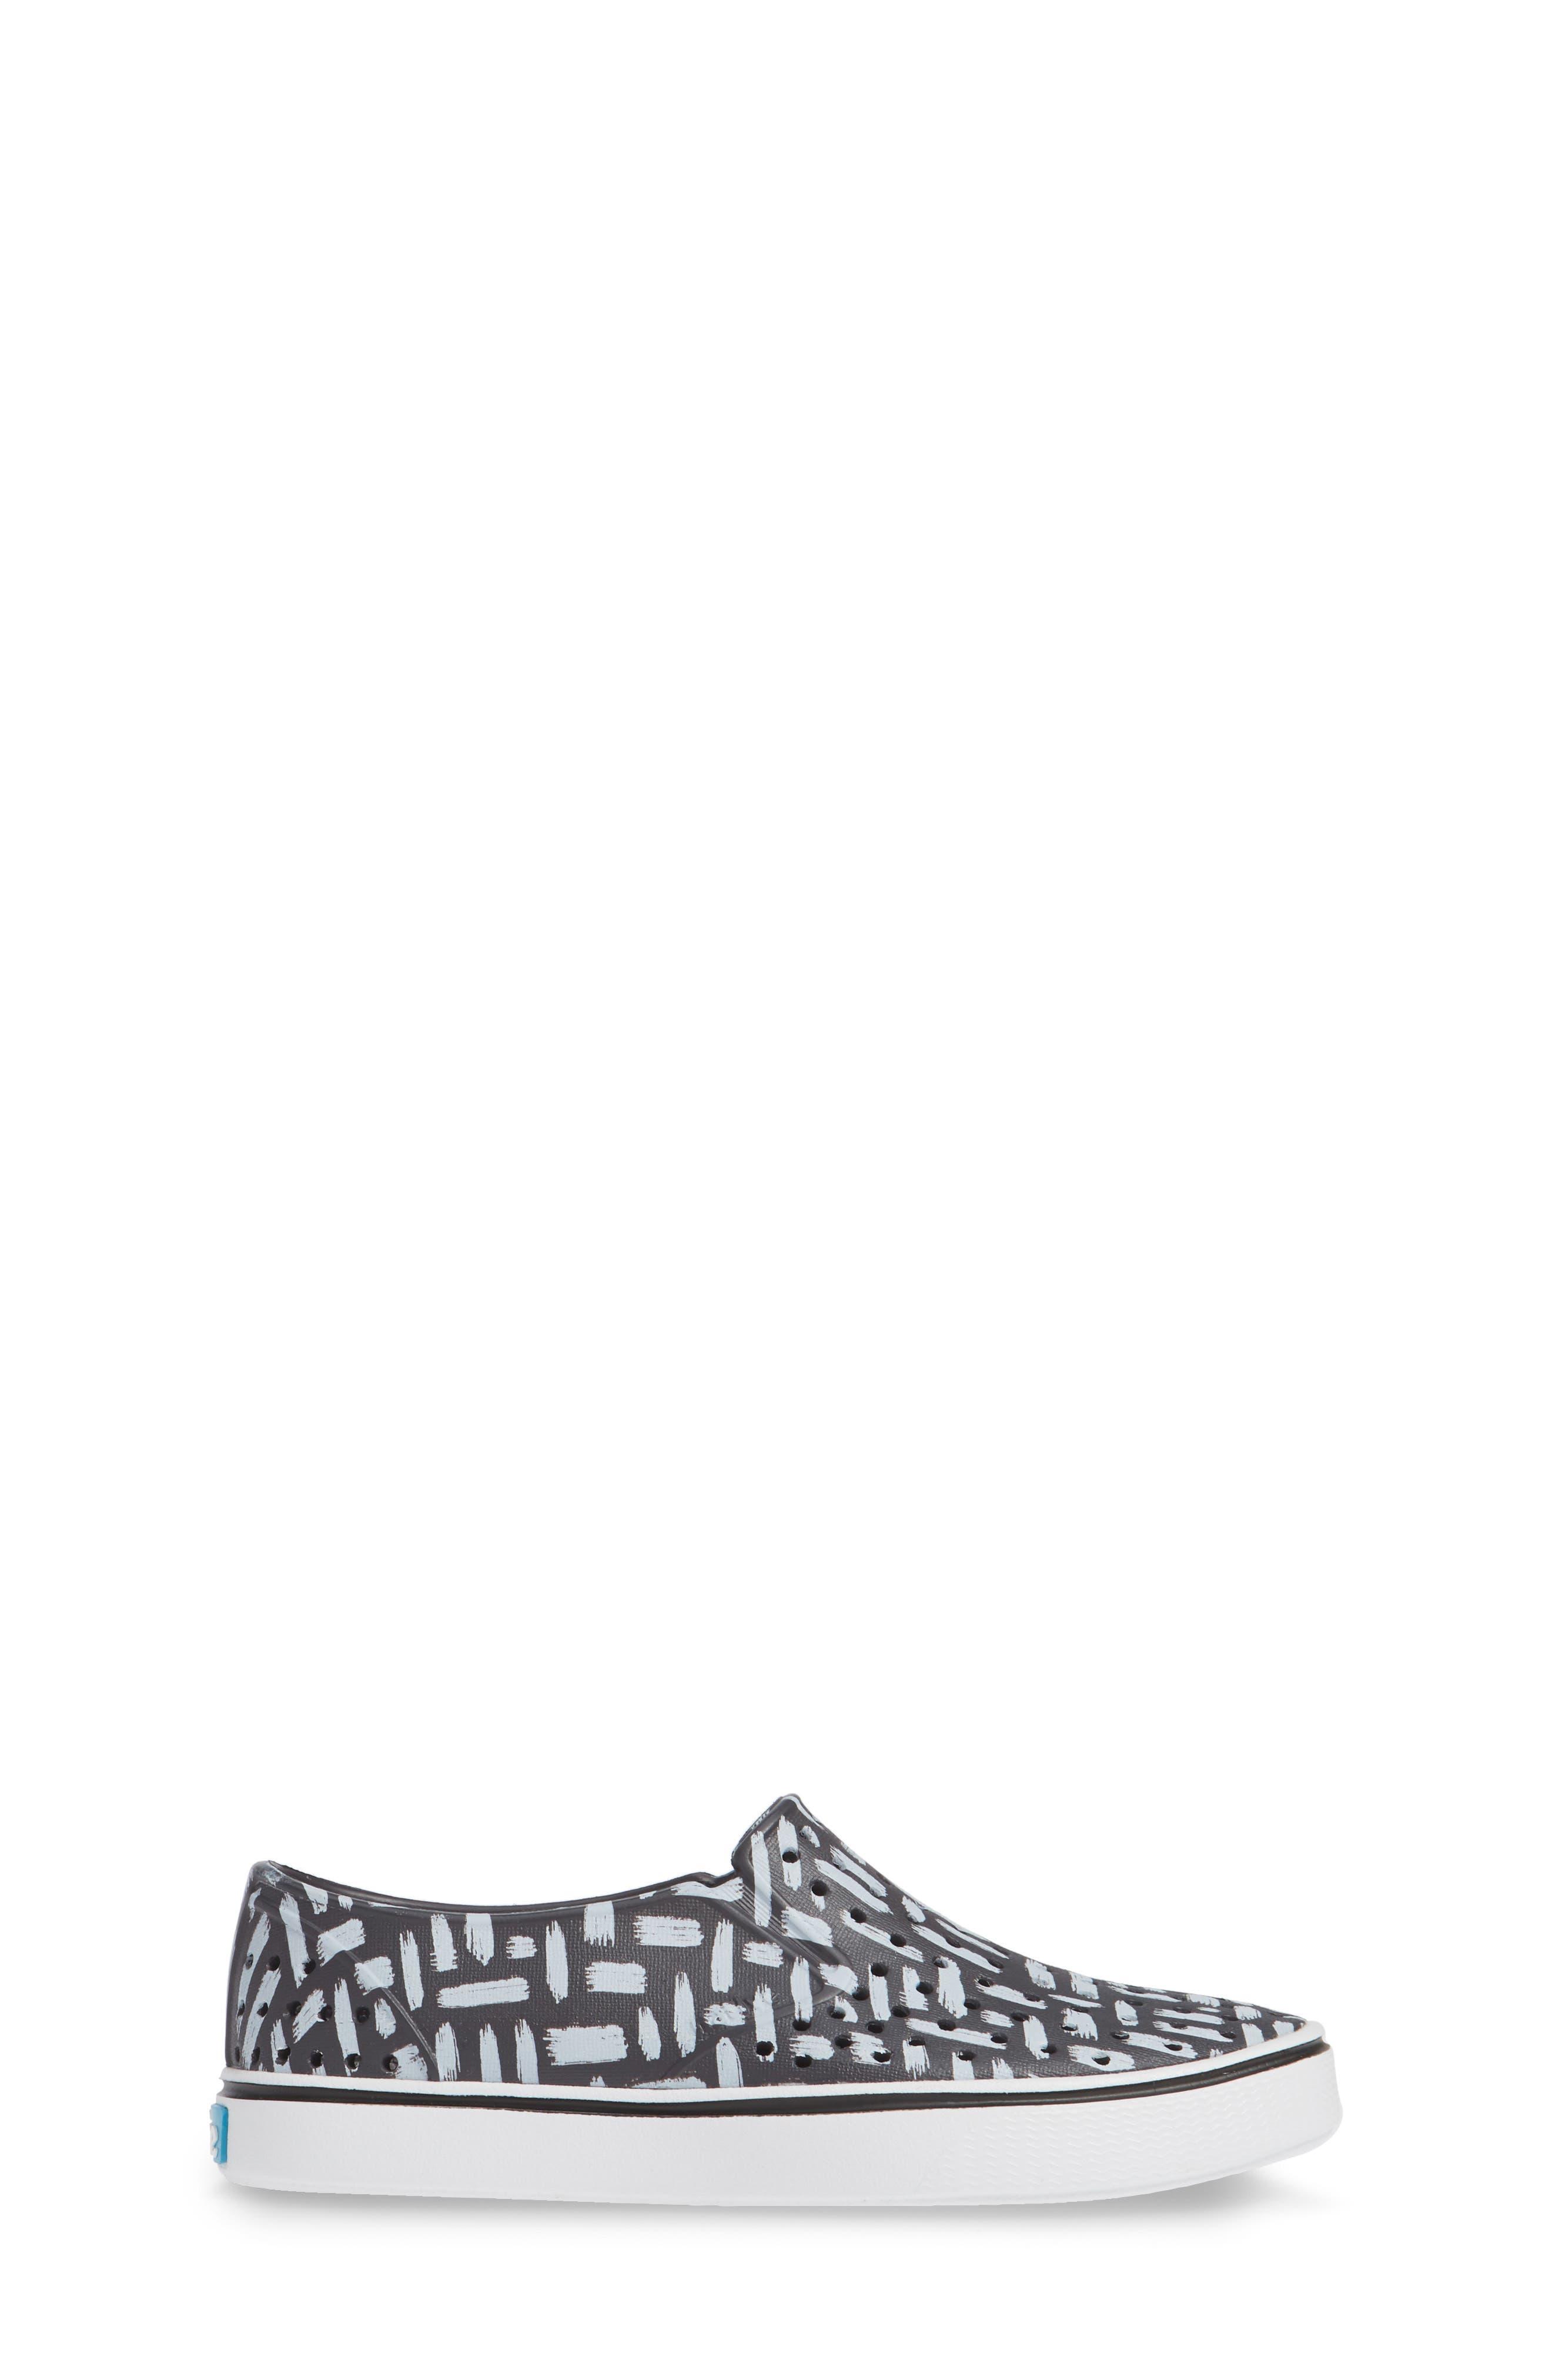 Miles Print Slip-On Sneaker,                             Alternate thumbnail 3, color,                             ONYX/ SHELL WHITE/ INKWELL